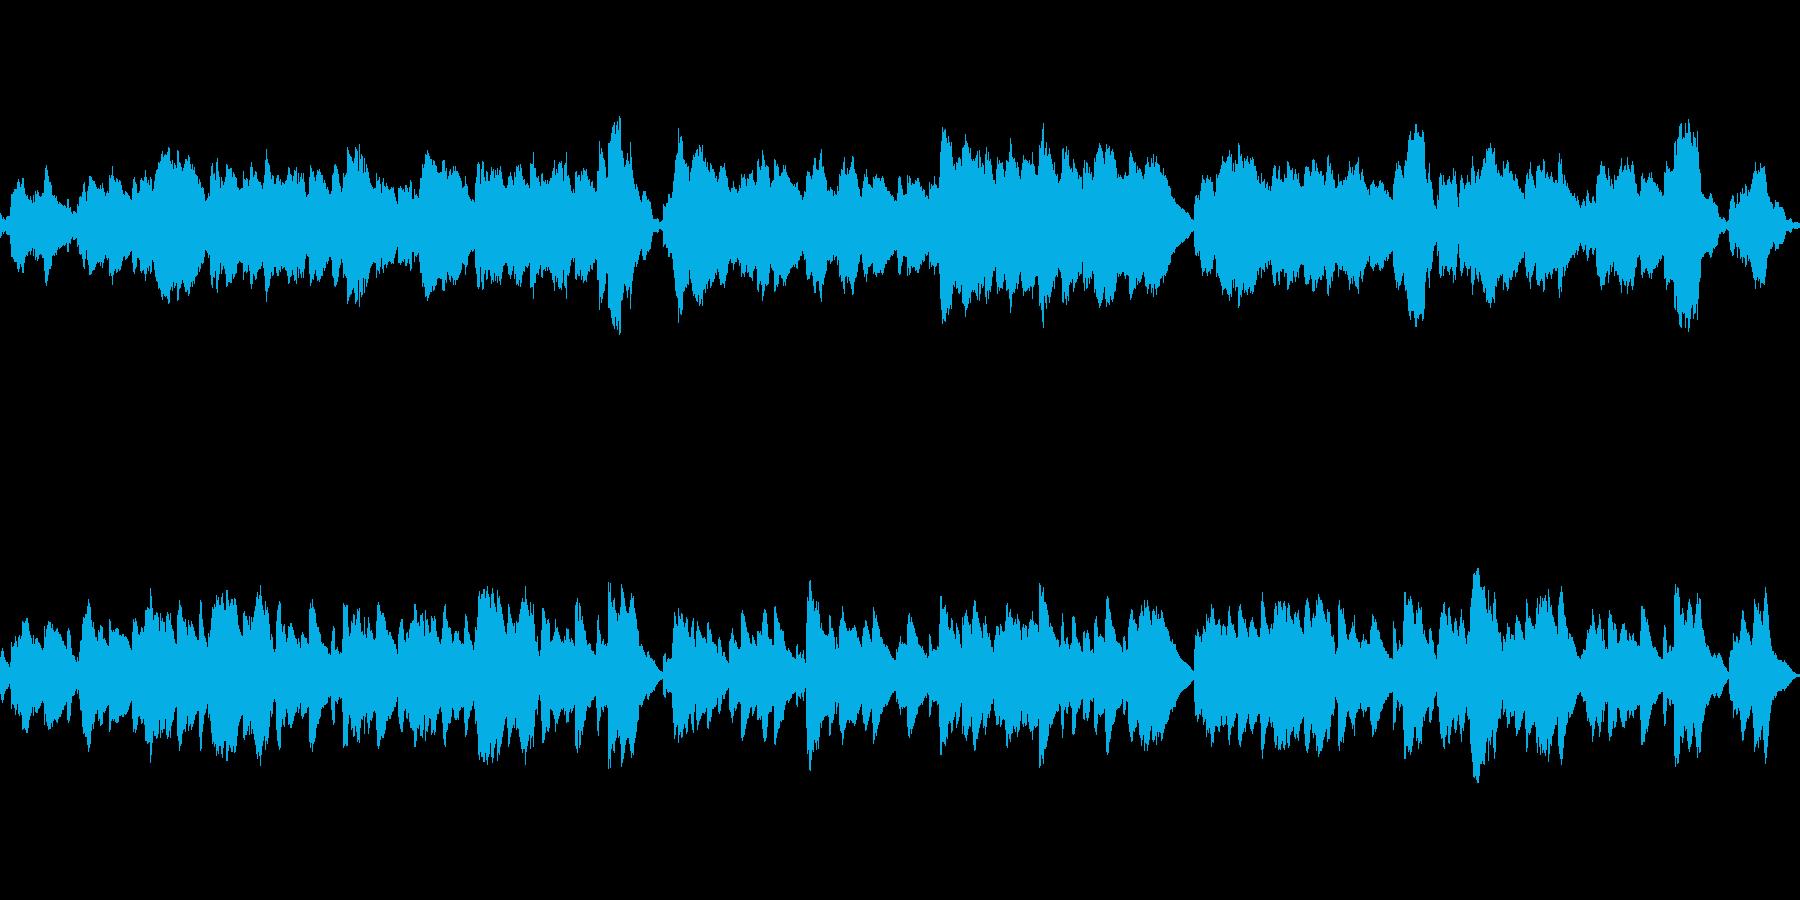 魔法をイメージしたオルゴール曲・ループ版の再生済みの波形